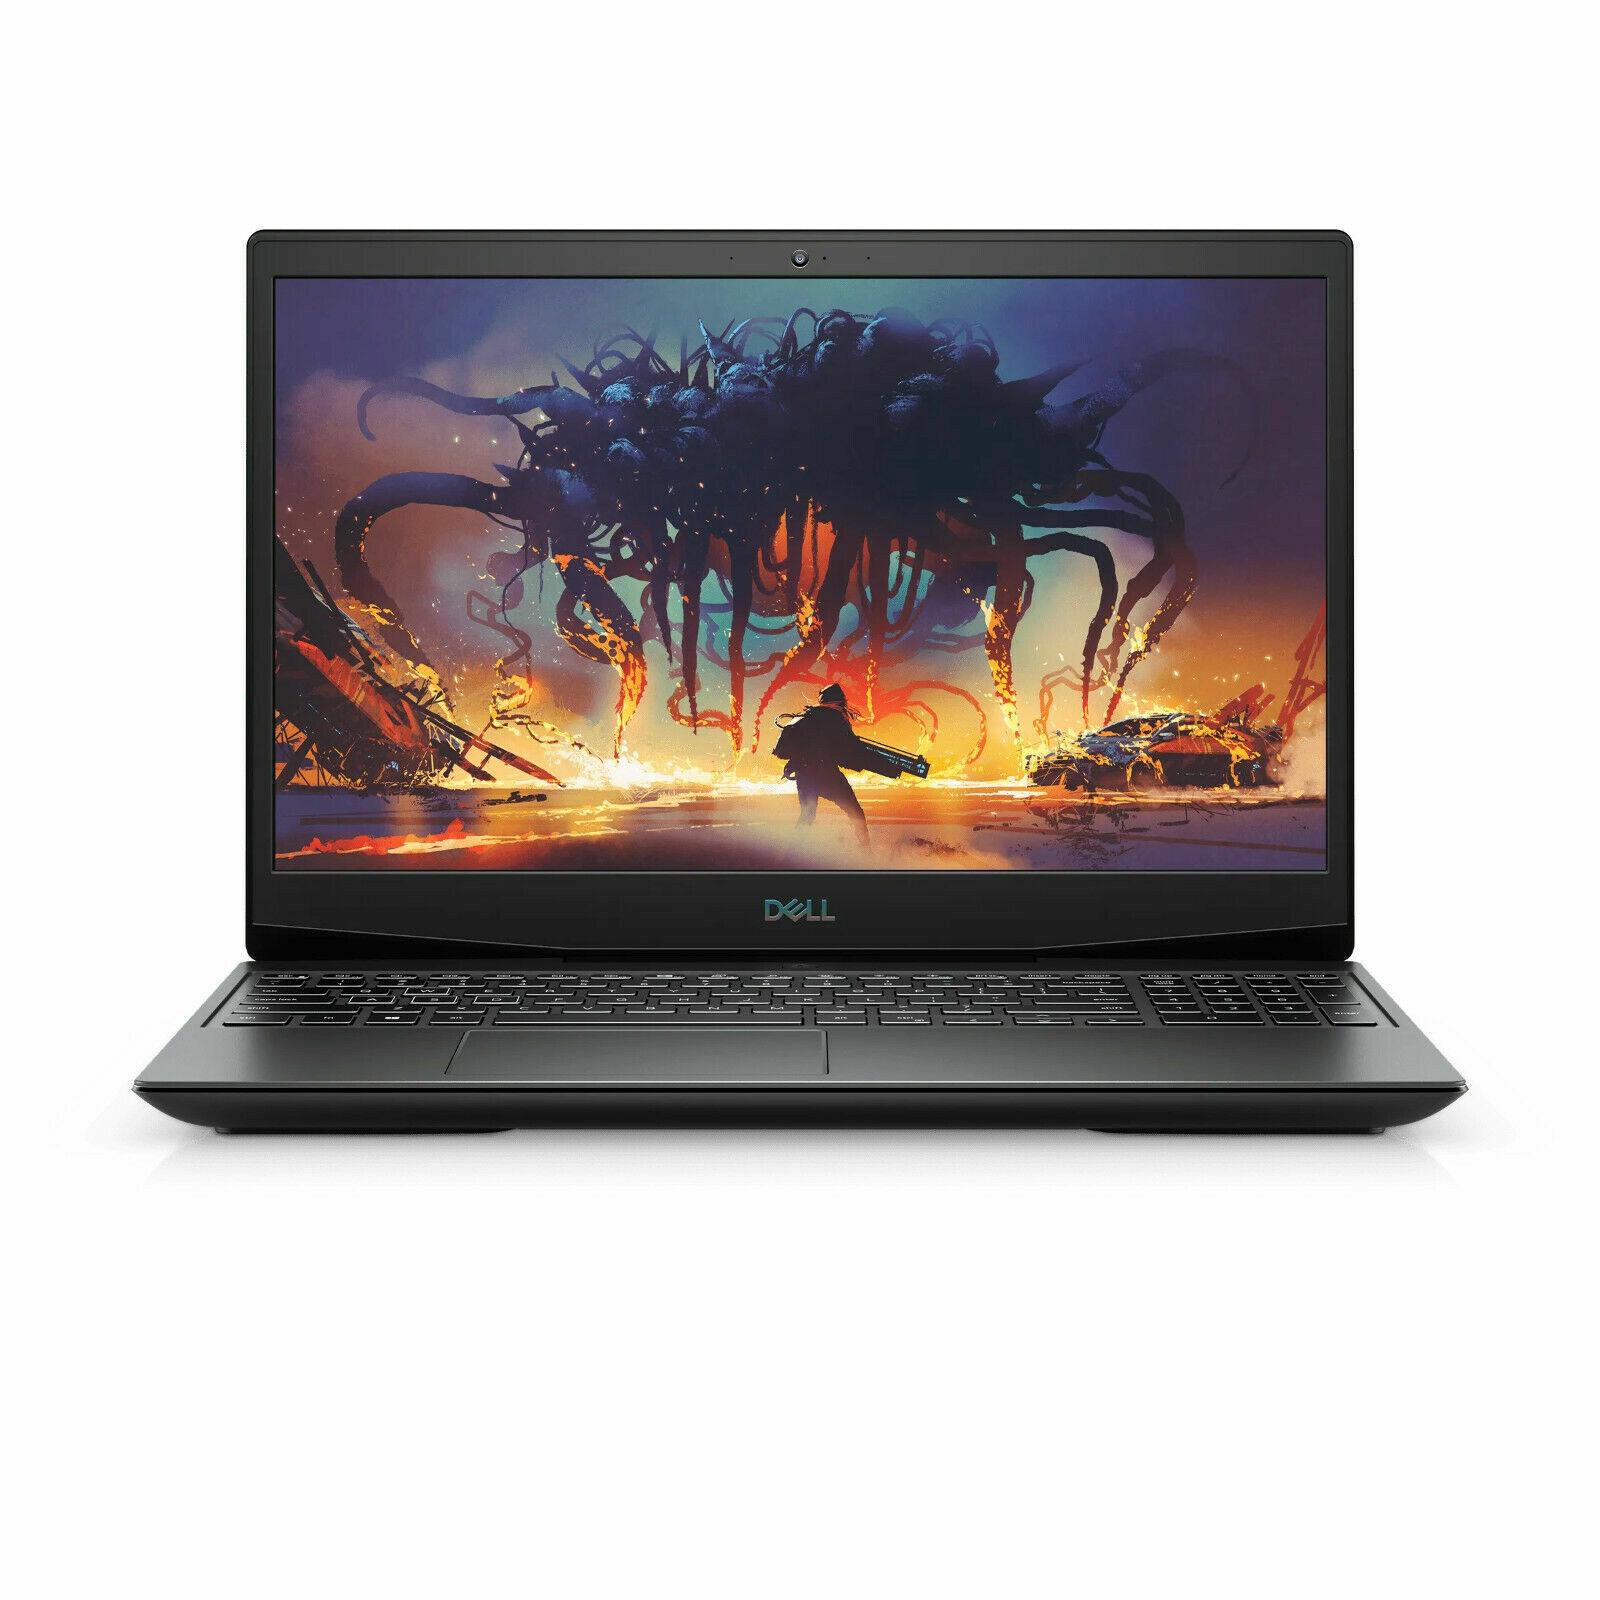 Dell G5 15: Intel Core i5-10300H, 256GB SSD, GTX 1650 Ti, 8GB DDR4, 15.6